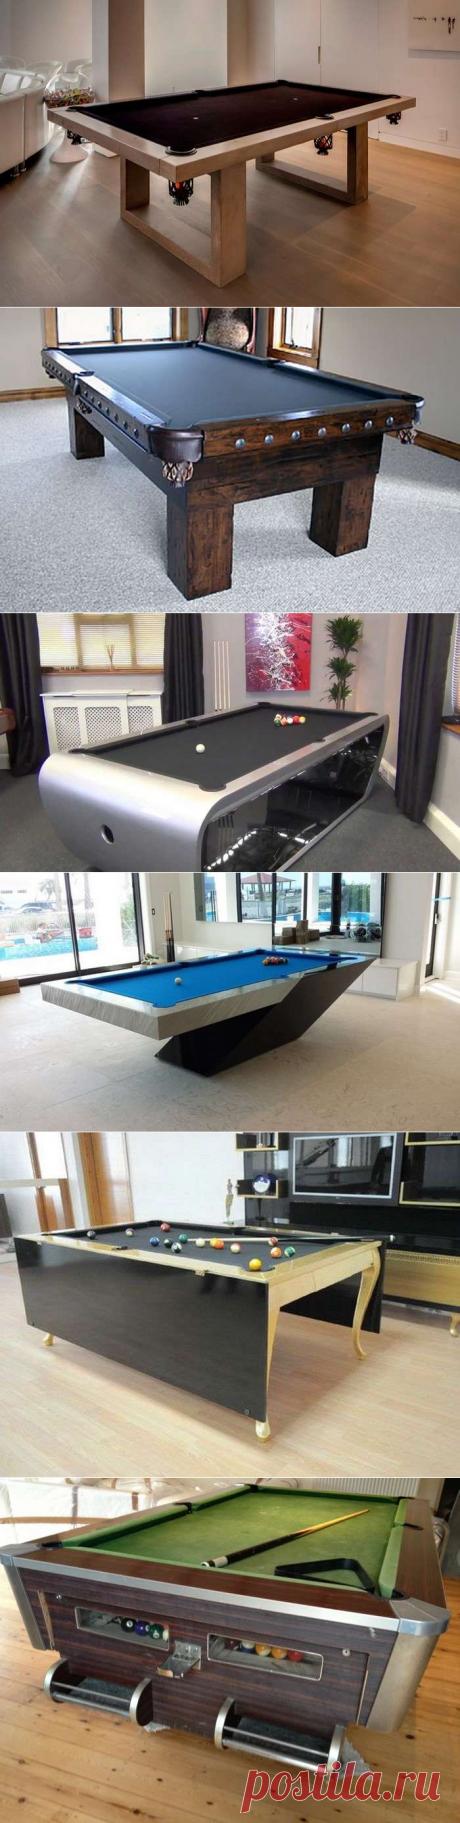 Бильярдный стол из конструктора Кнекс